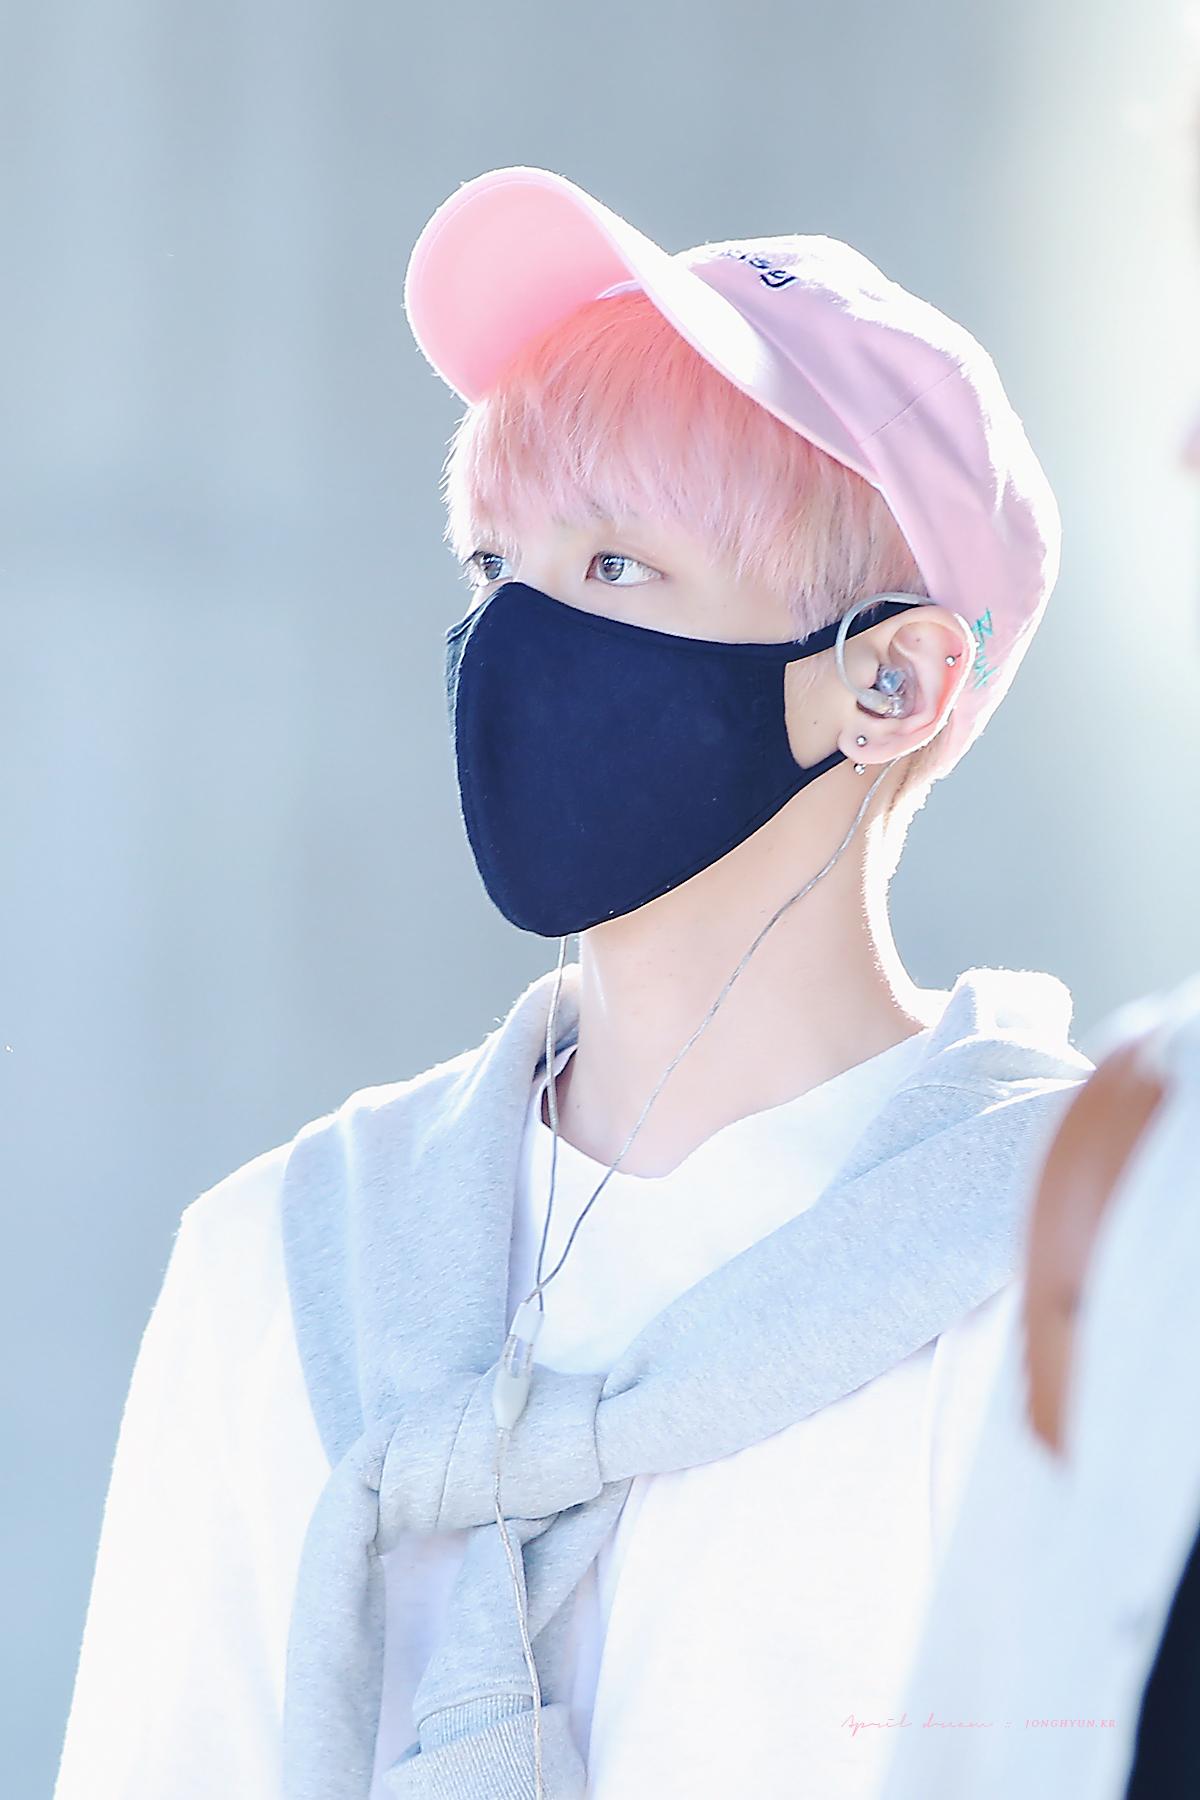 160425 Jonghyun @ Aeropuerto de Incheon {Llegada a Corea} 26639210395_052dfe9937_o